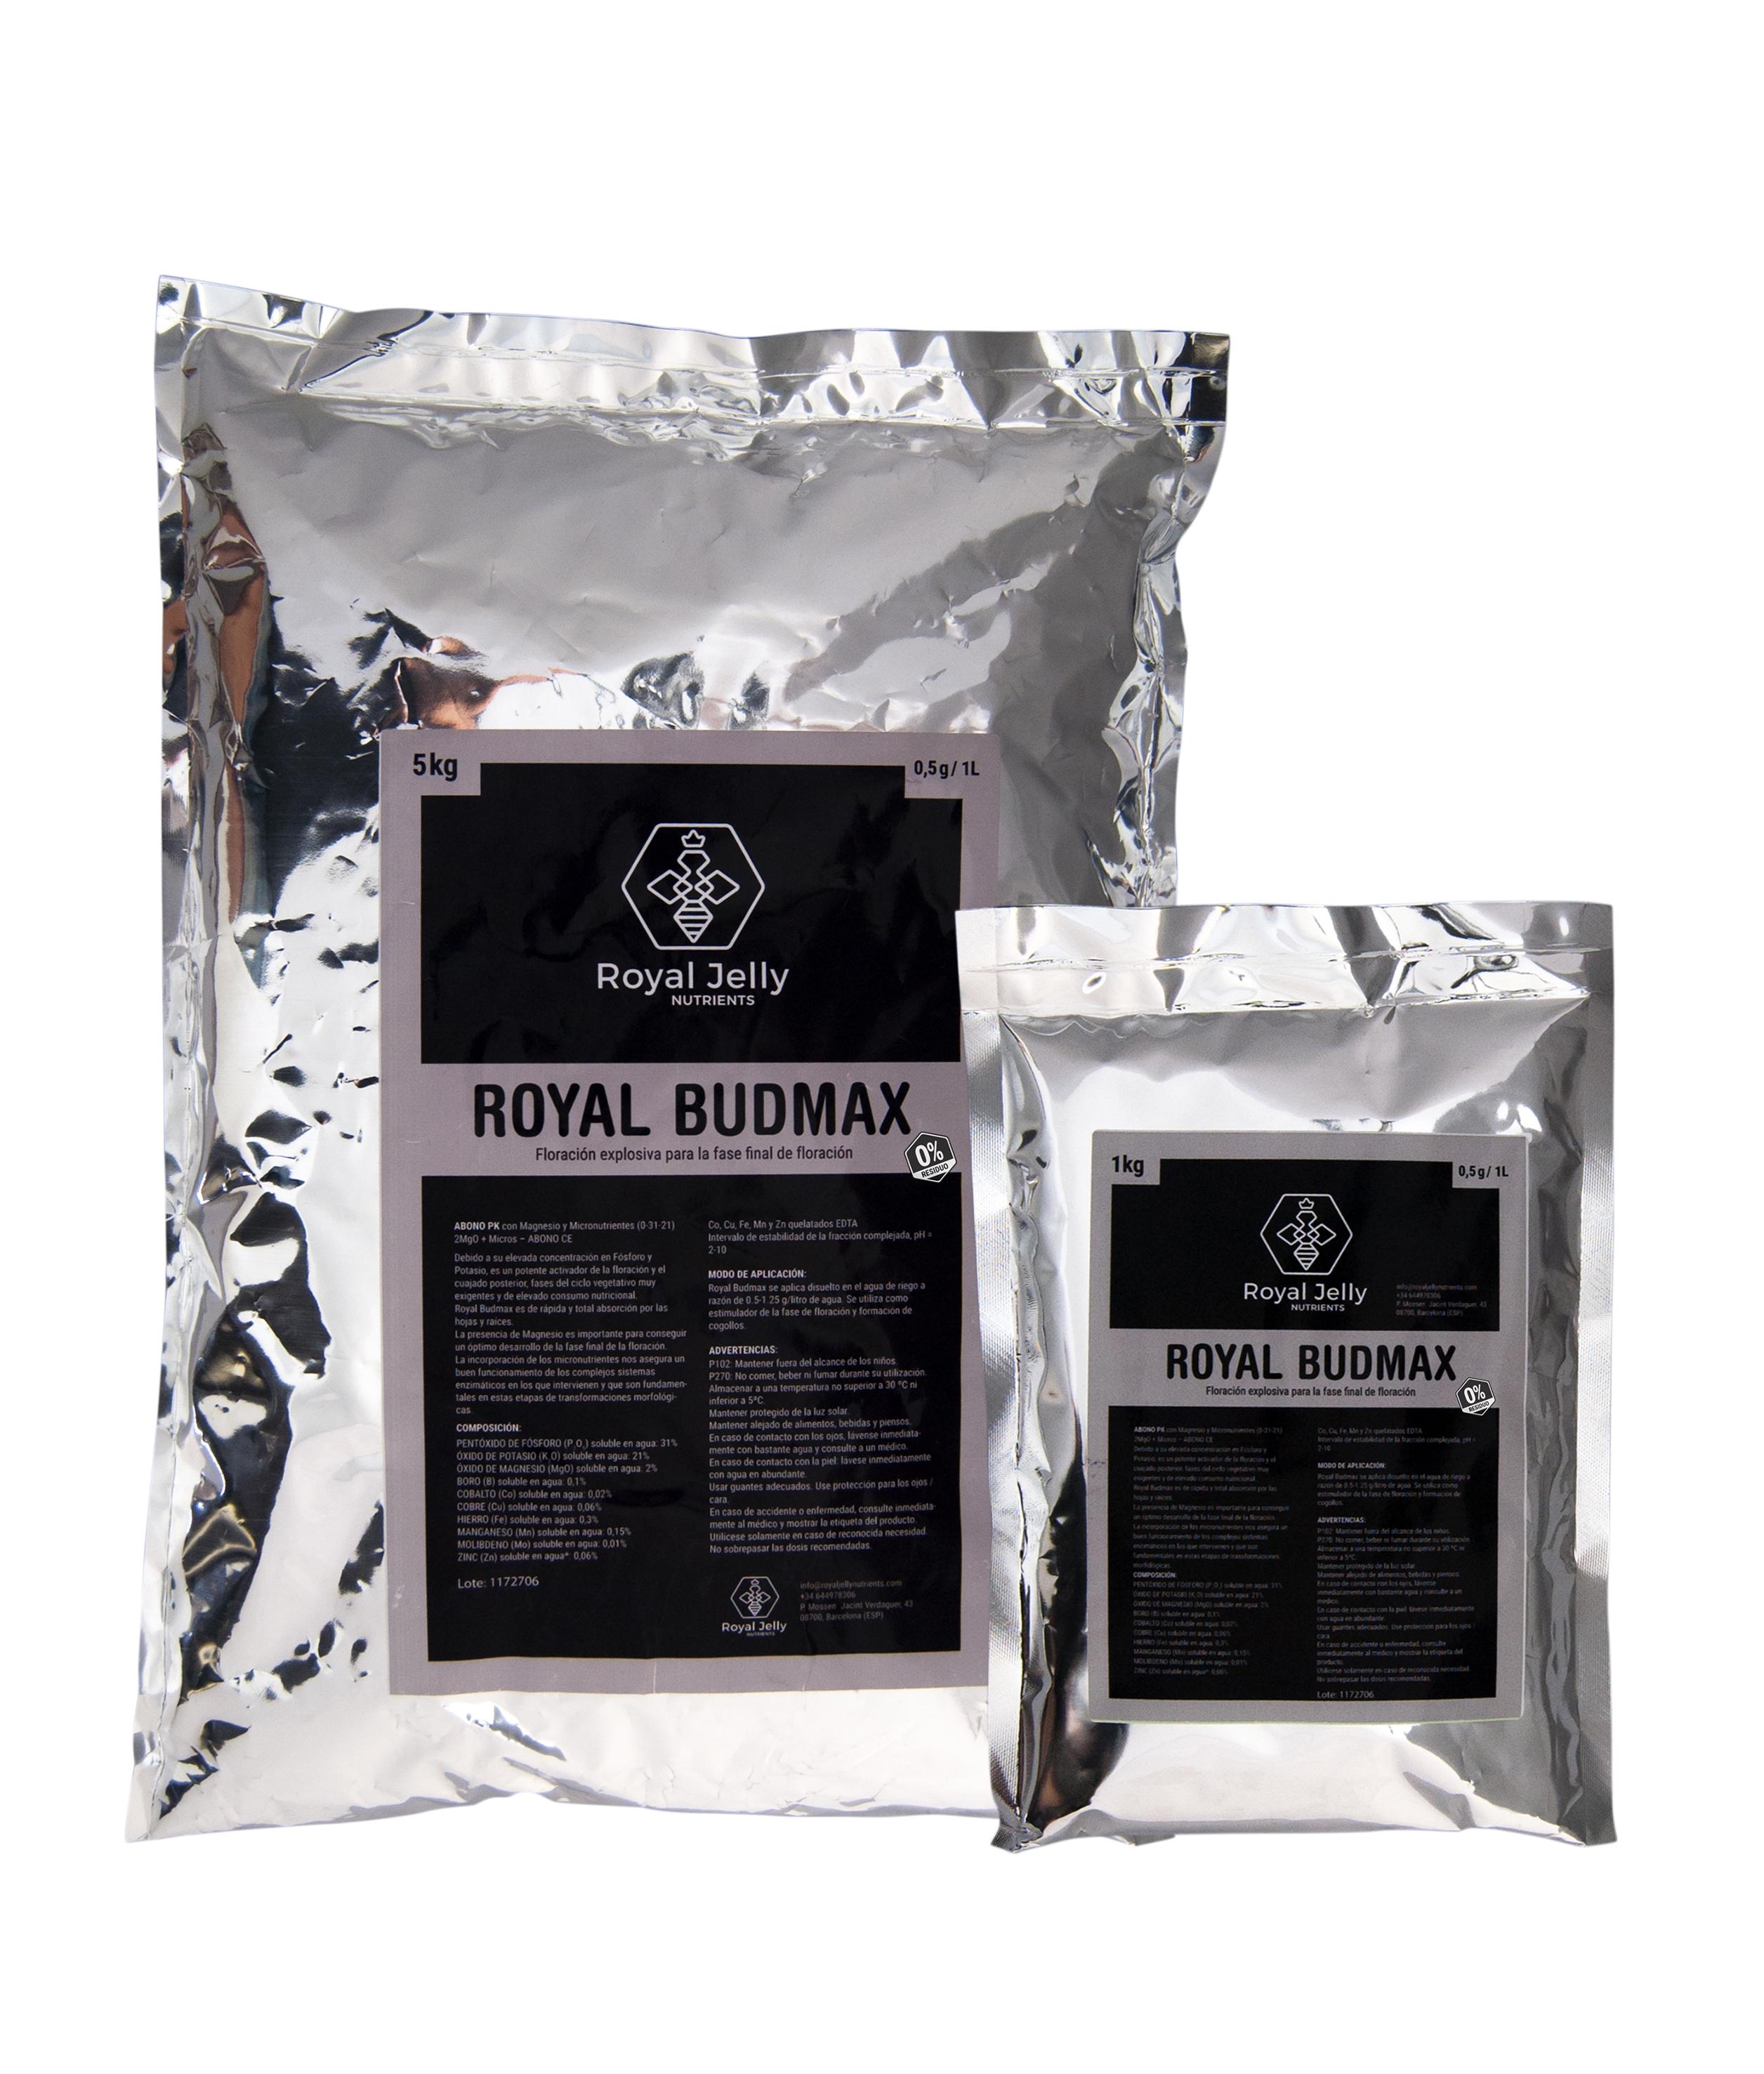 royal budamx bodegó proba